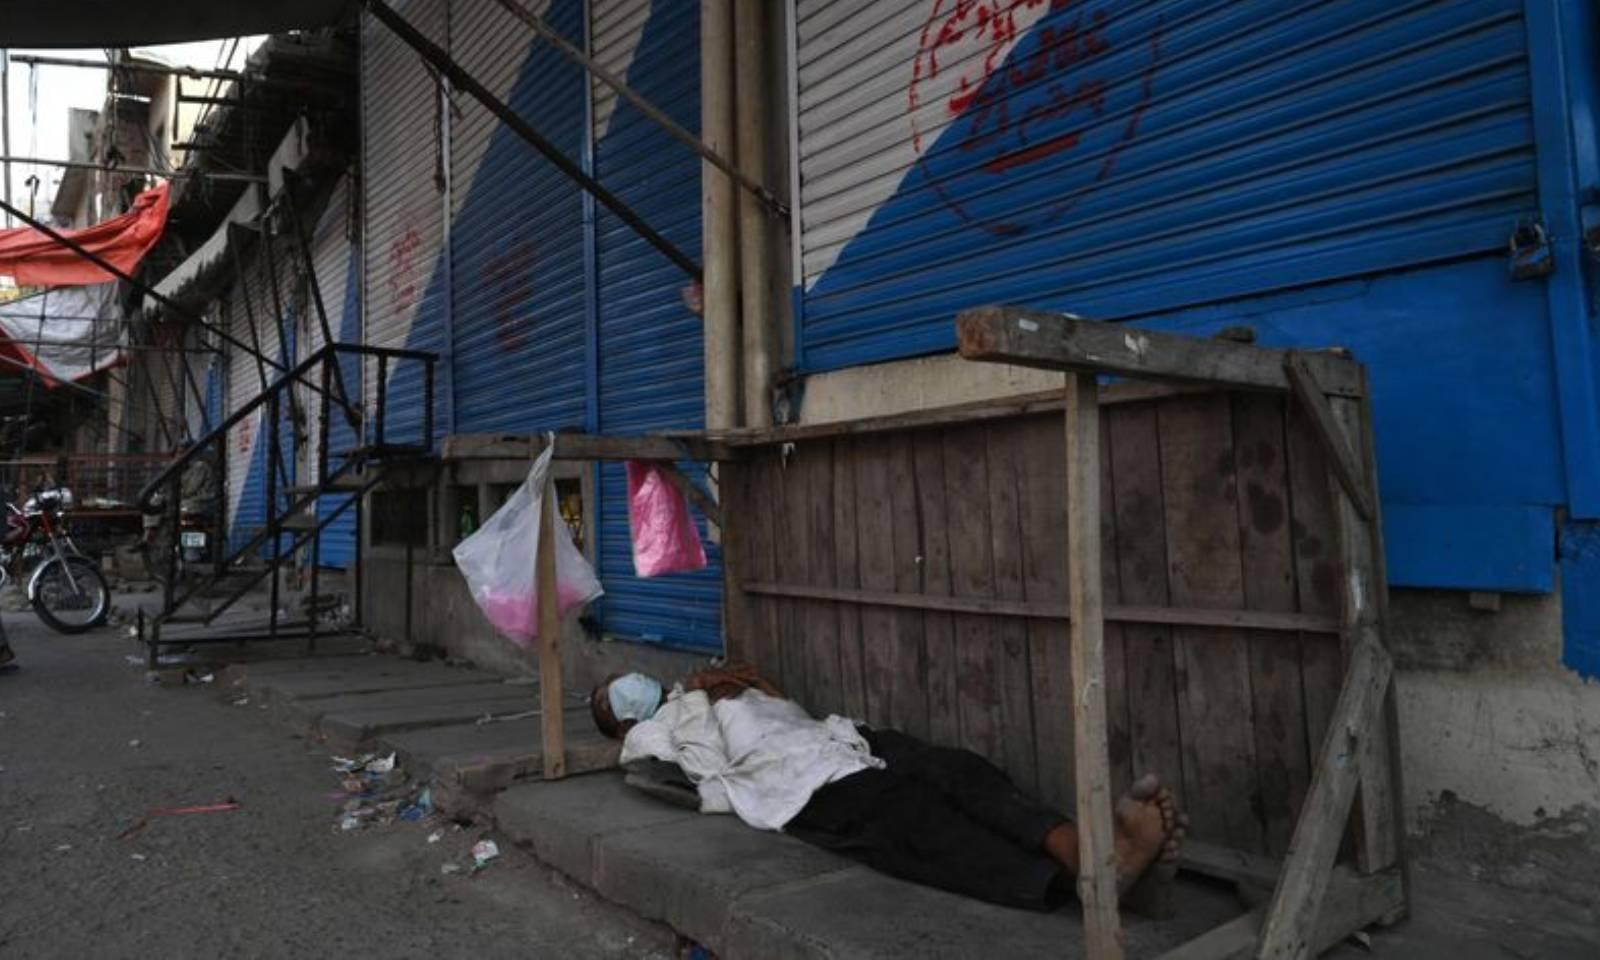 این سی او سی کے اعلان کے مطابق 16 مئی تک لاہور کی بھی تمام مارکیٹیں اور بازار بند  رہیں گی —فوٹو: اے ایف پی